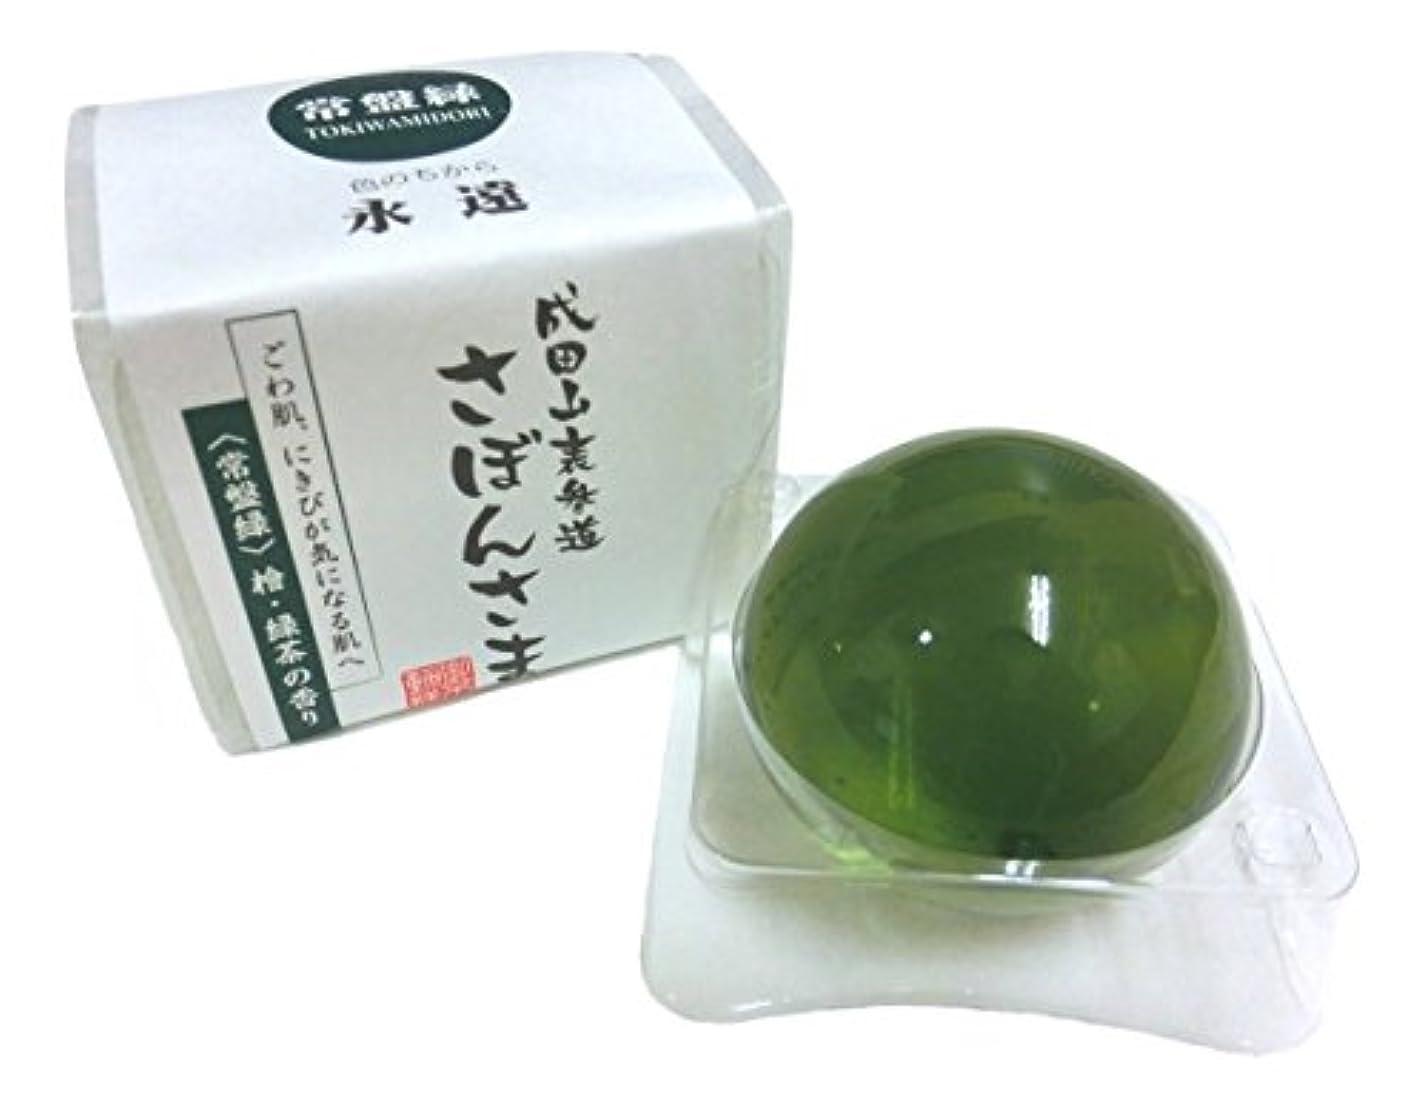 広がり悩み娘成田山表参道 さぼんさま〈常盤緑〉檜?緑茶の香り 100g